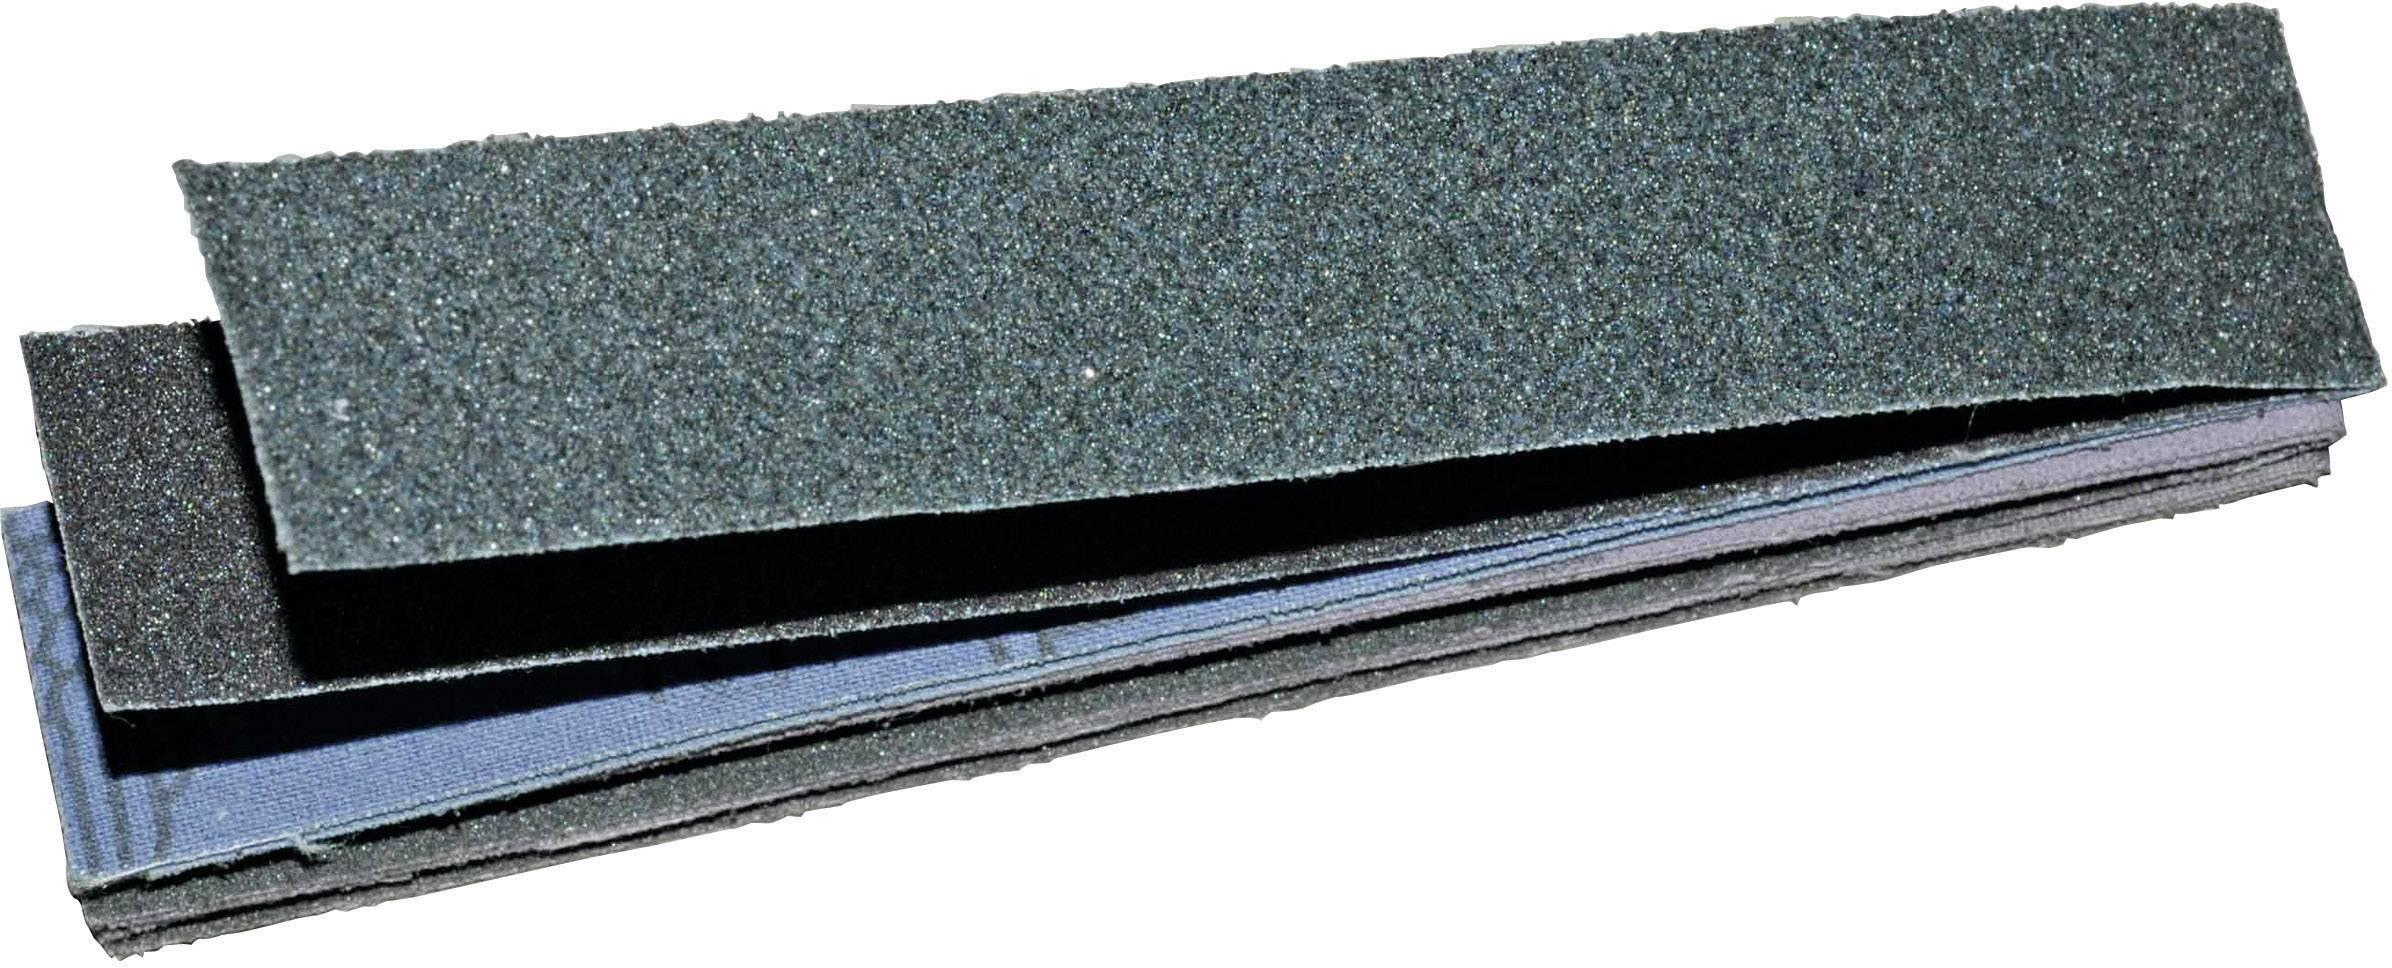 Brúsny papier pre pilníky 450813 zrnitosť 80, 120, 180, 240, (d x š) 127 mm x 25 mm, 1 sada